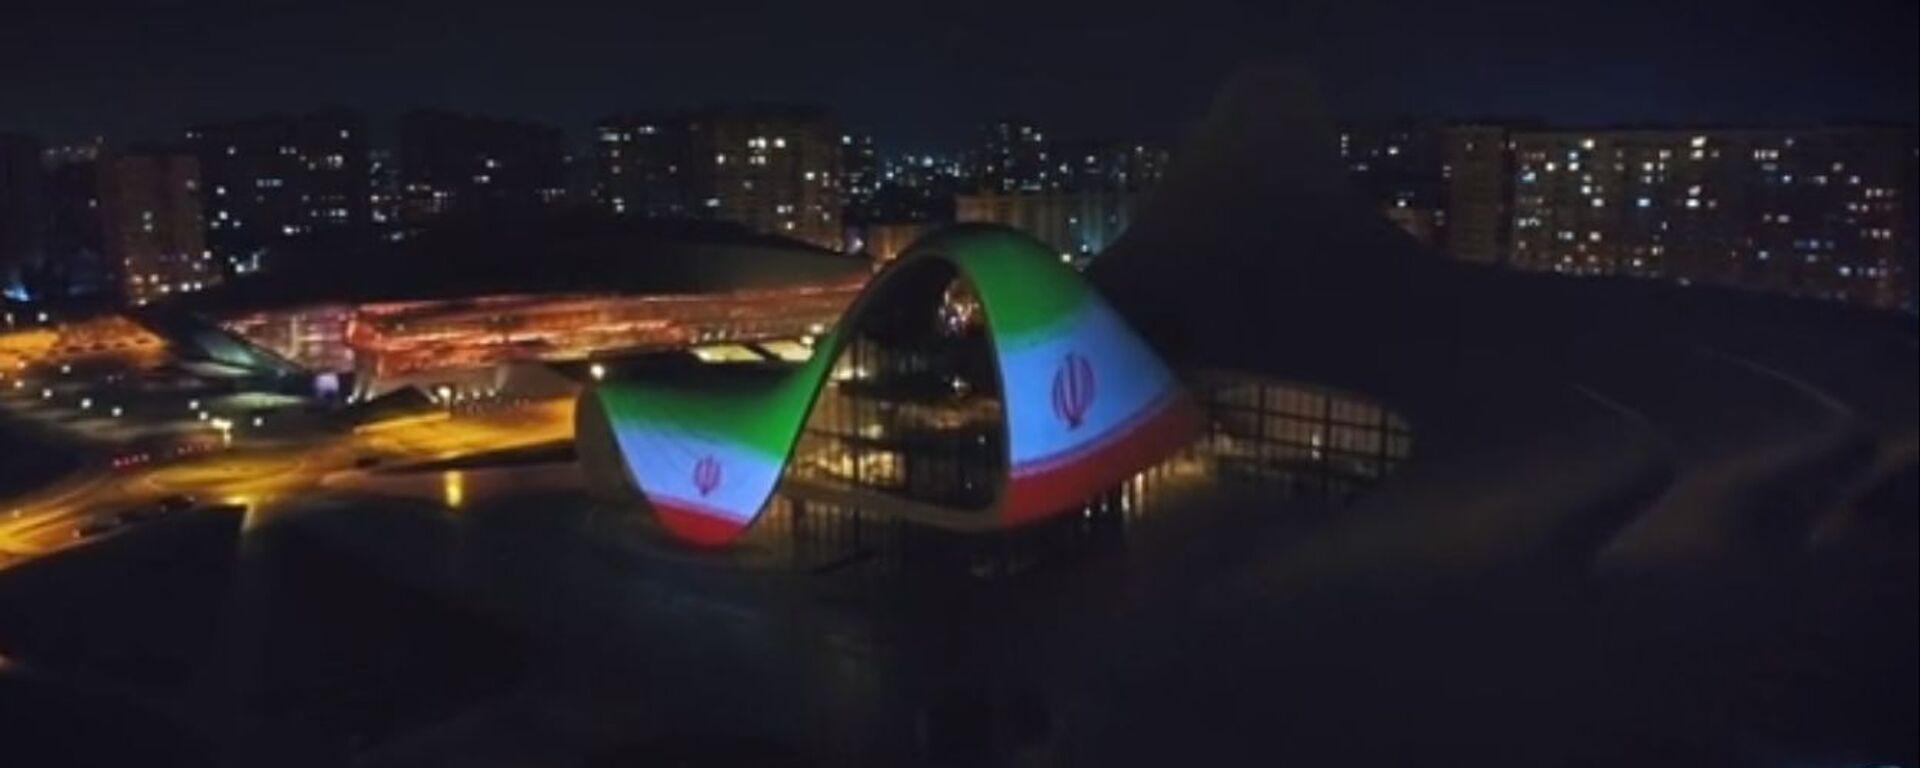 Видеопроекция флага Ирана на Центре Гейдара Алиева в Баку - Sputnik Азербайджан, 1920, 22.11.2020